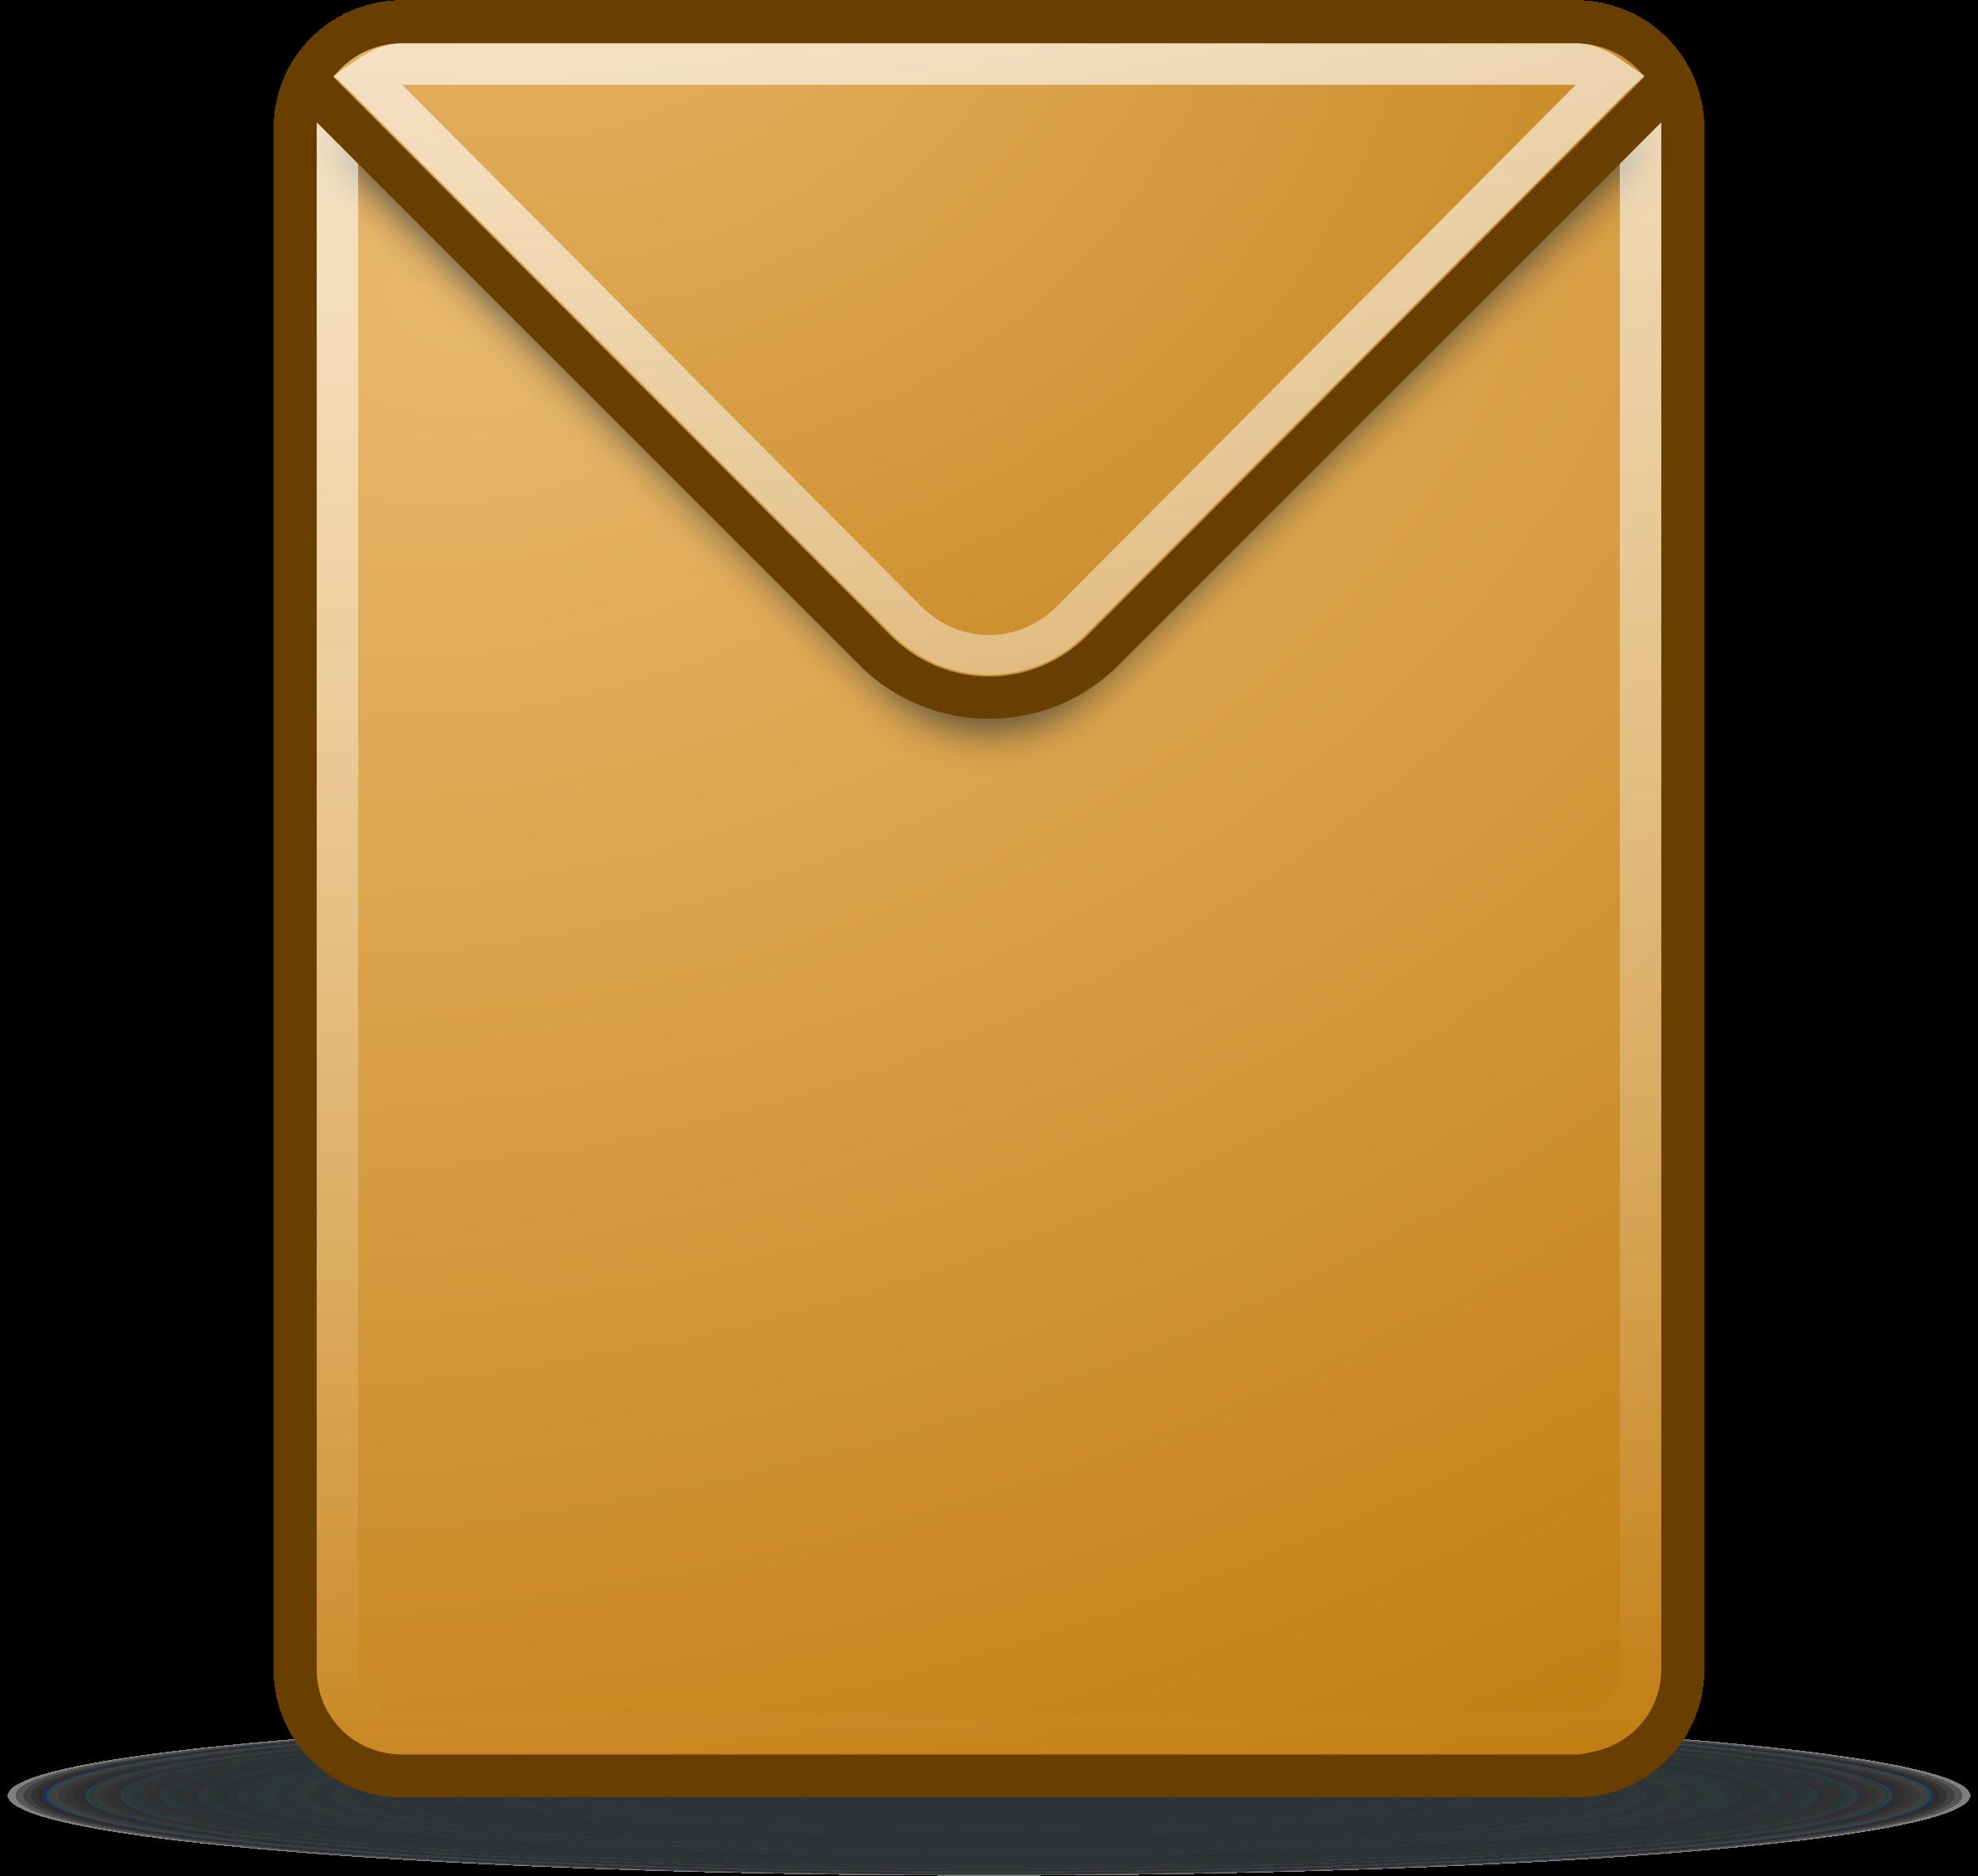 Big image png. Envelope clipart evelope